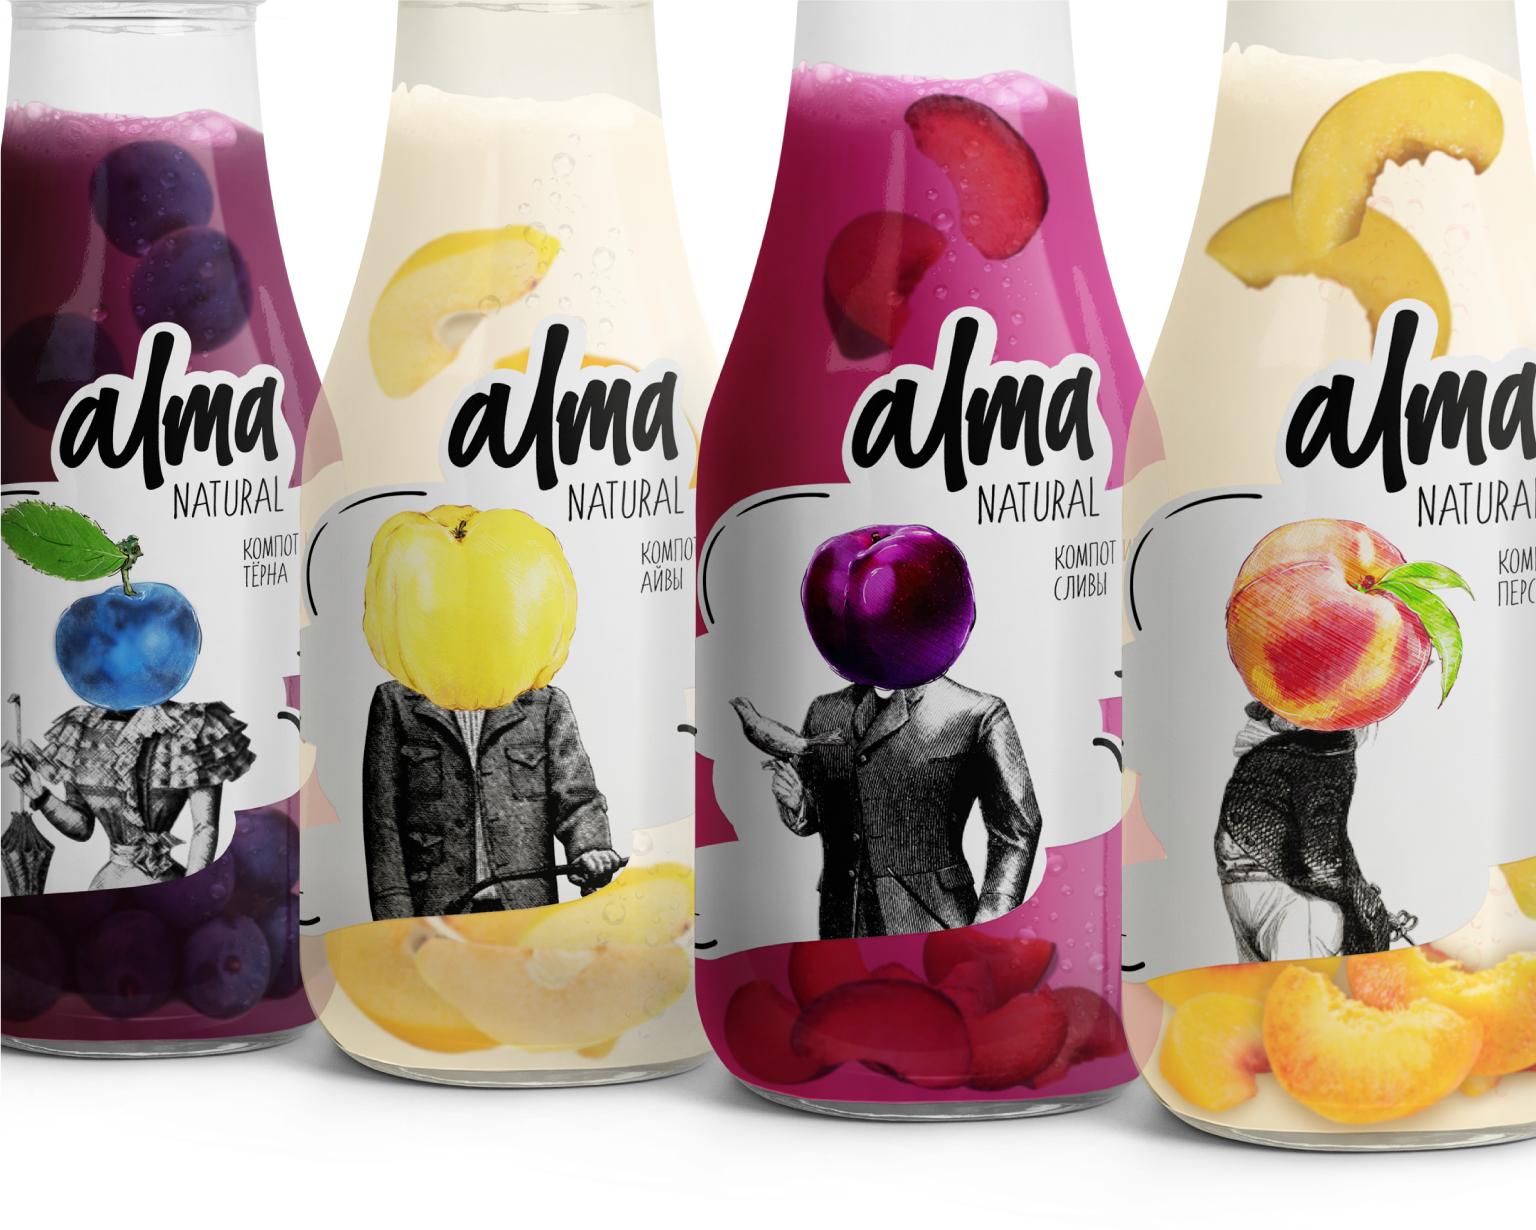 alma natural branding